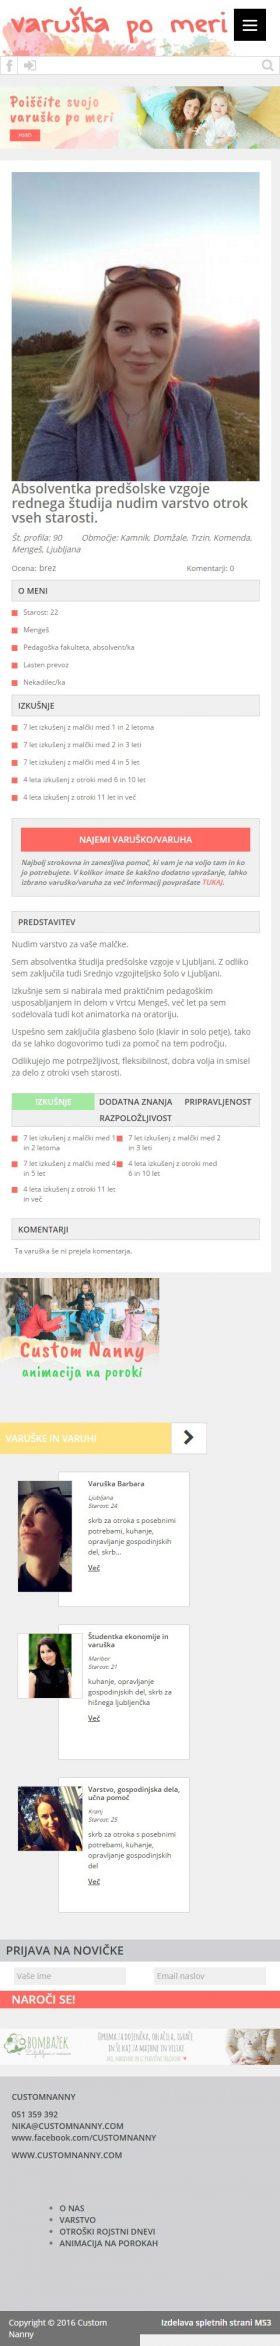 http://www.customnanny.com/varuska/90/